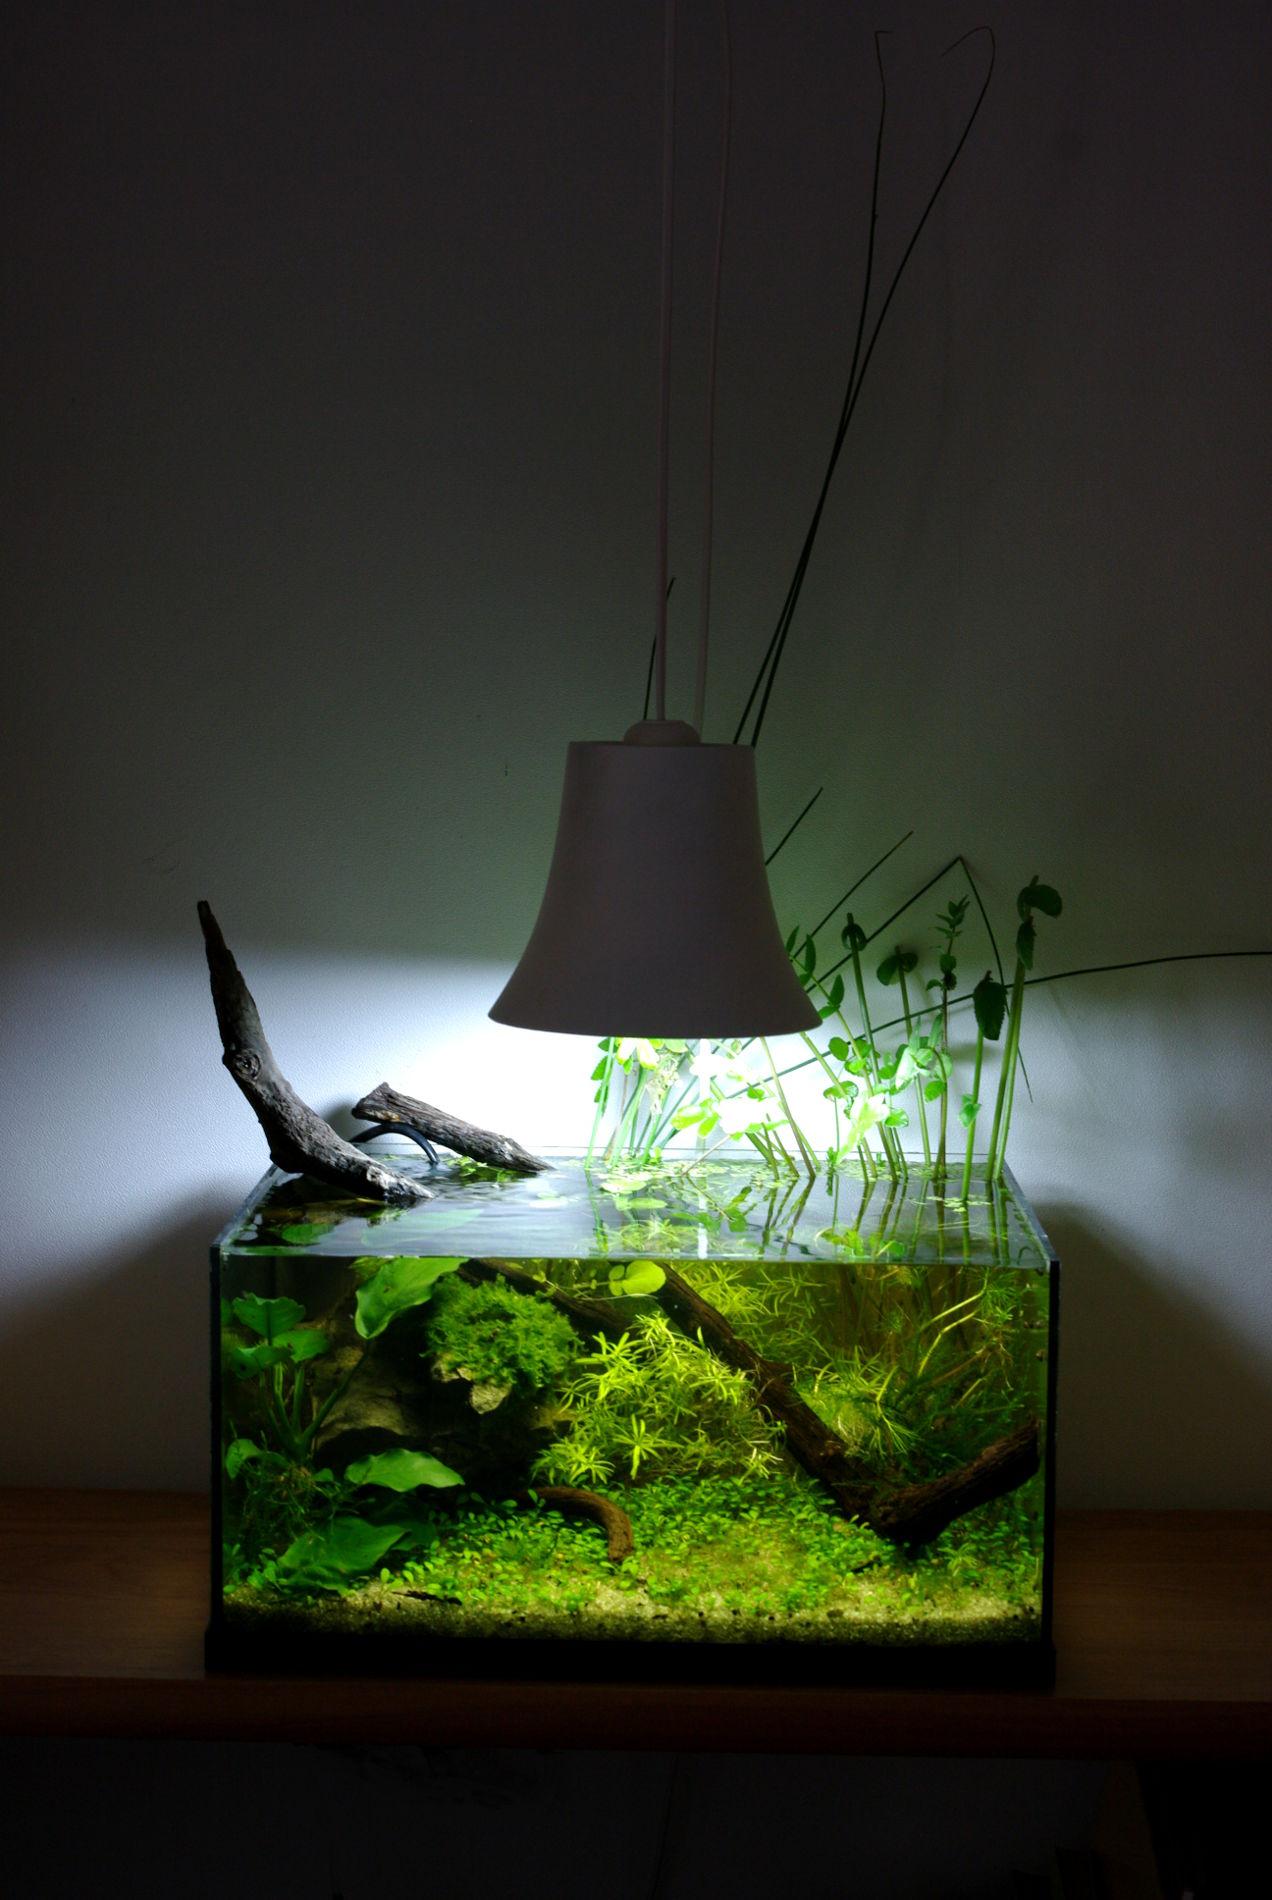 Galerie mur v g tal et aquariums sur mesure nature design for Aquarium cadre